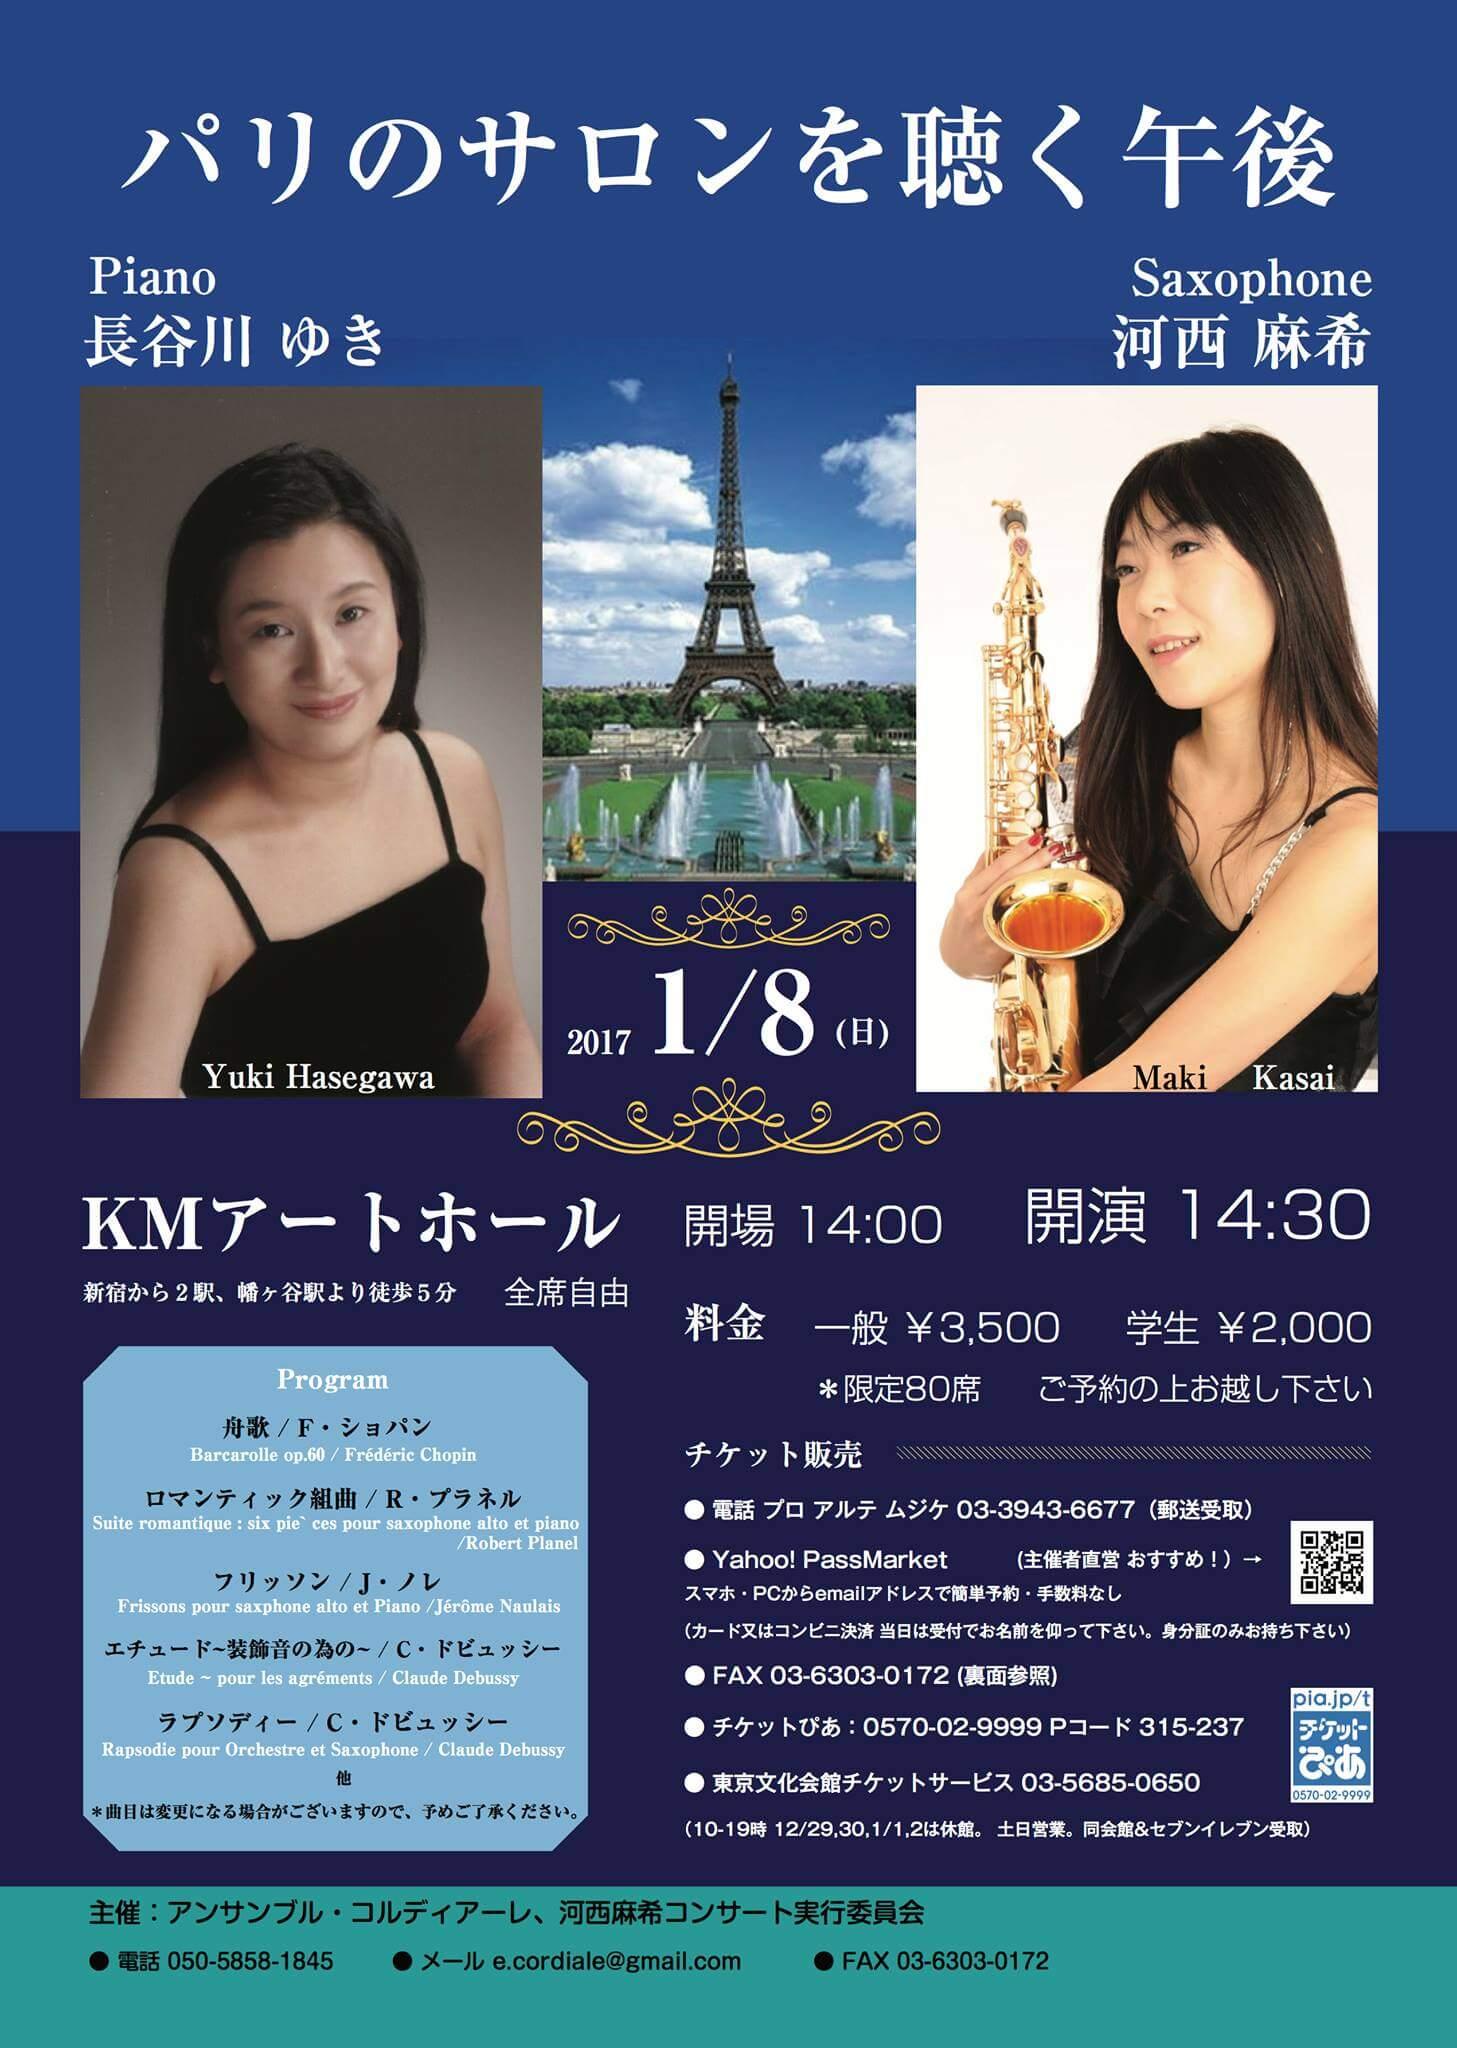 Maki Kasai Saxophone & Yuki Hasegawa